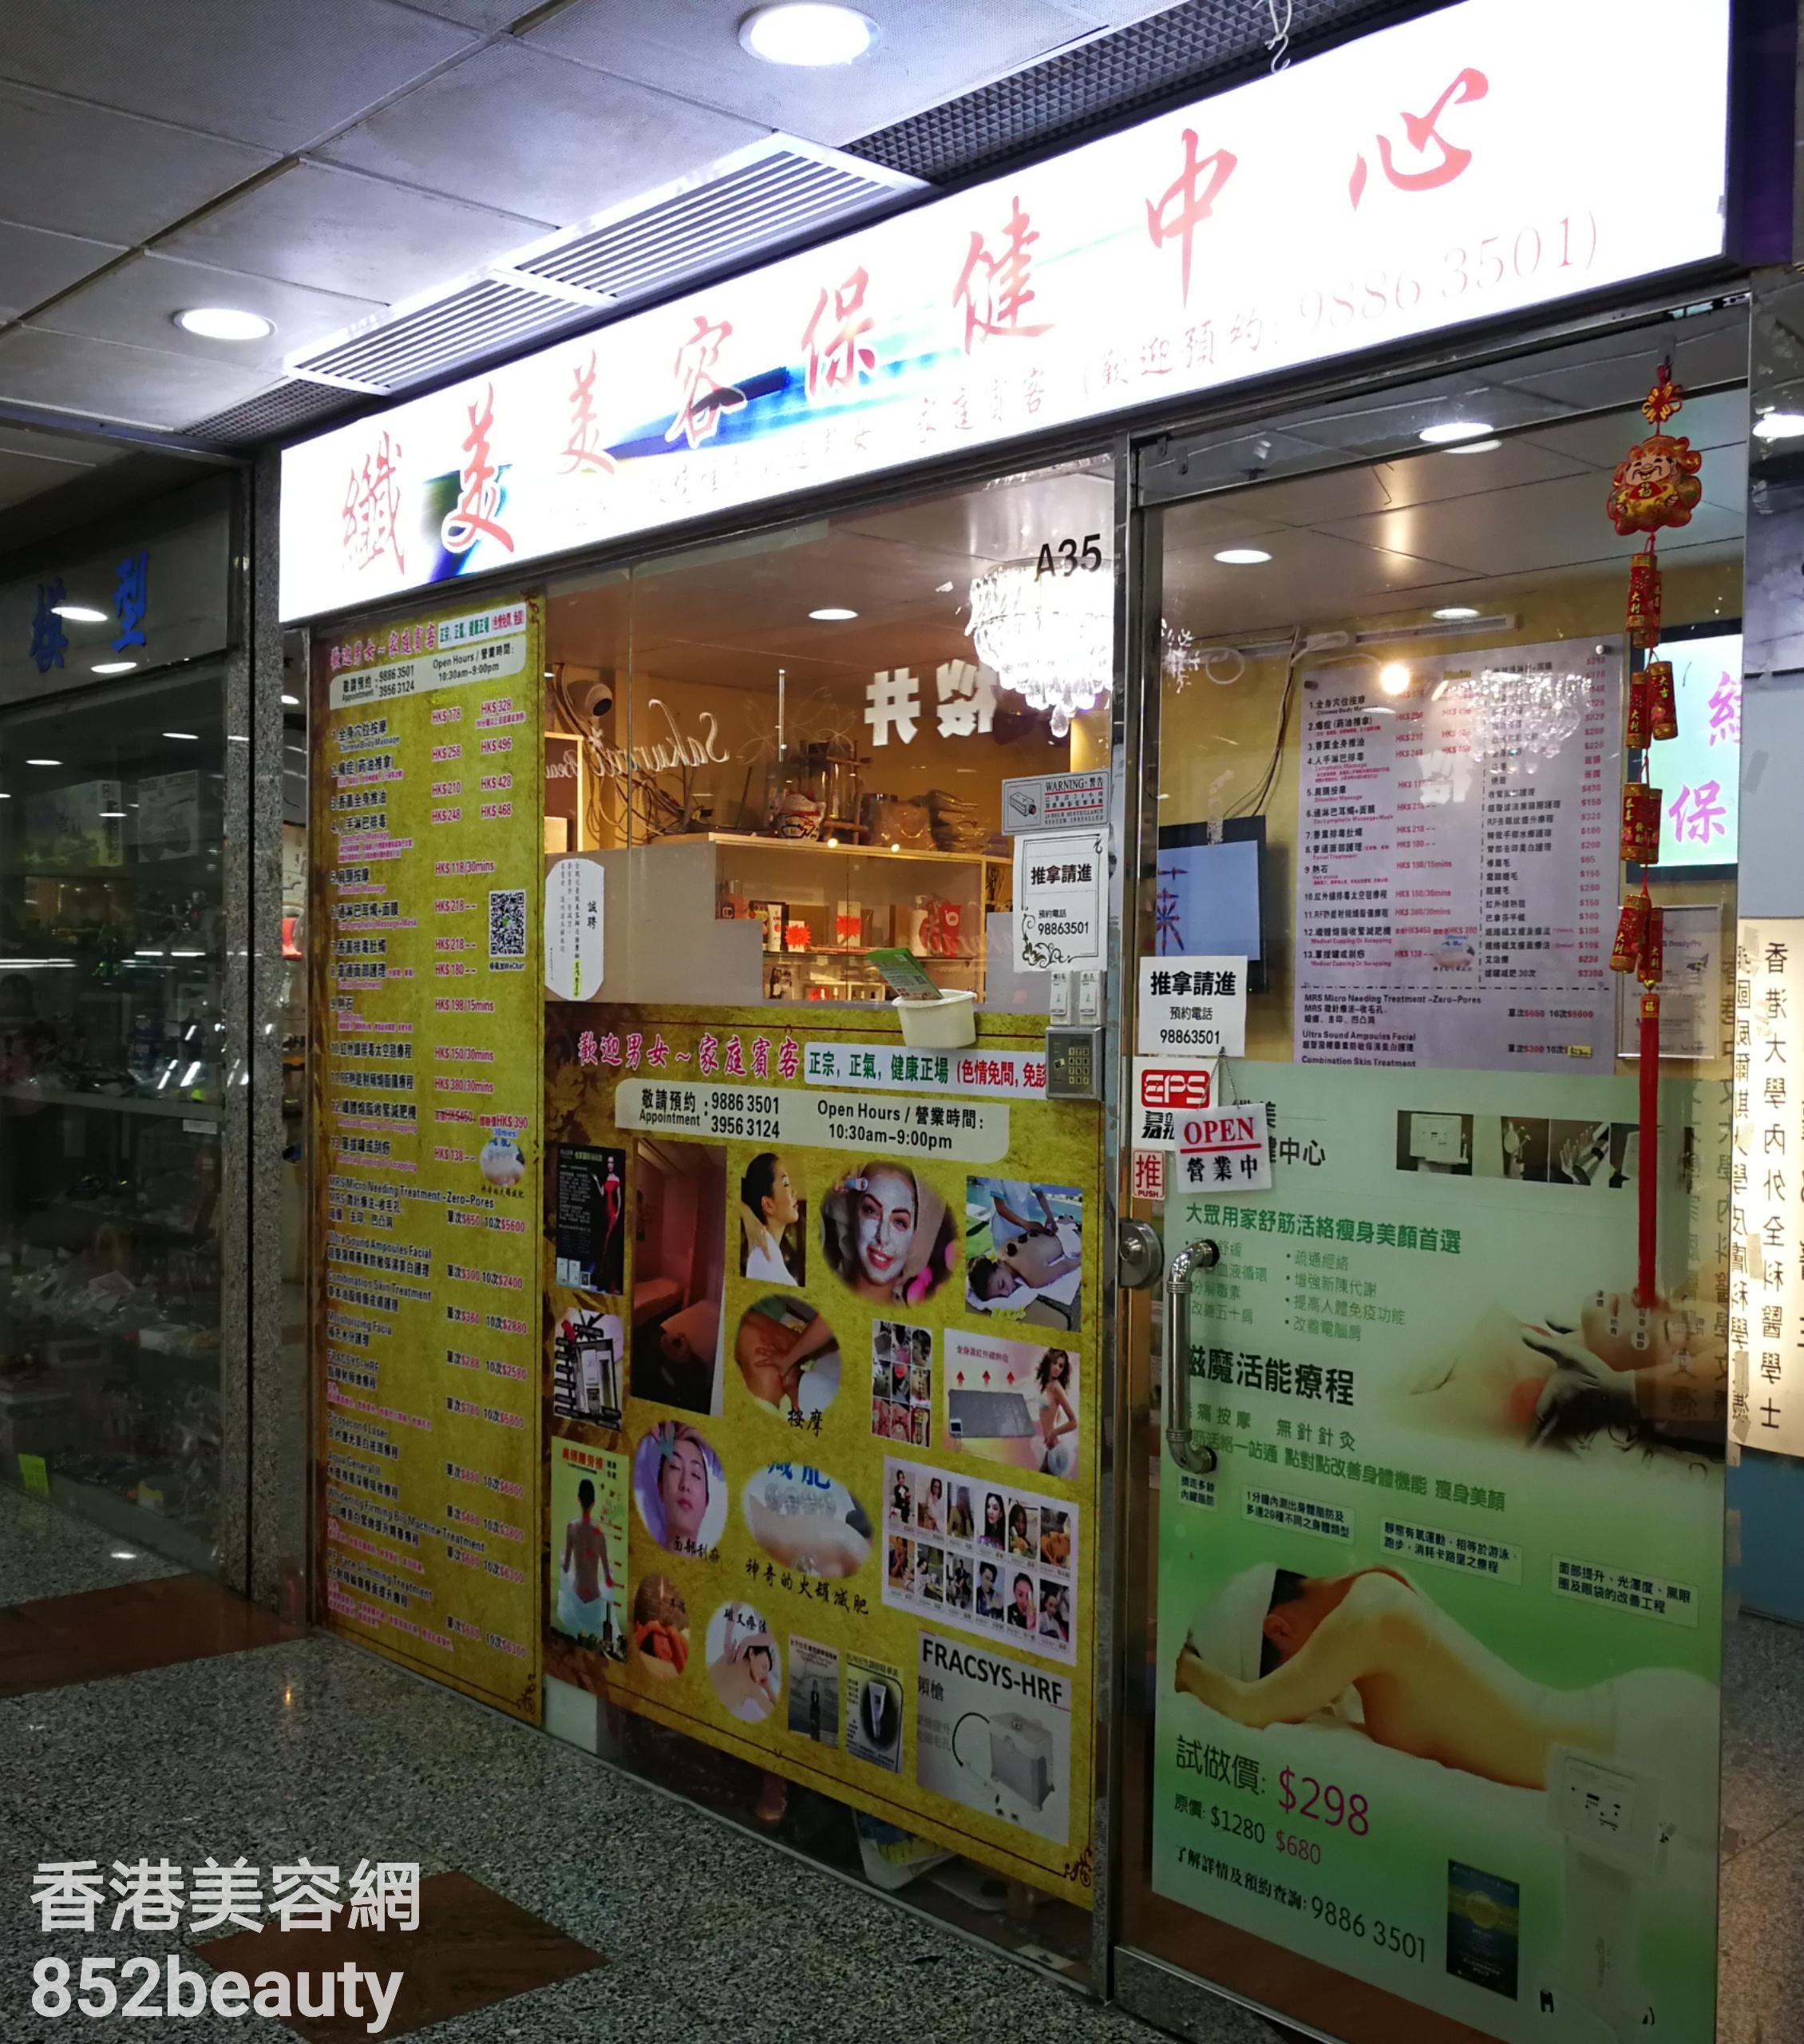 香港美容院 美容師 : 纖美 美容保健中心 @青年創業軍